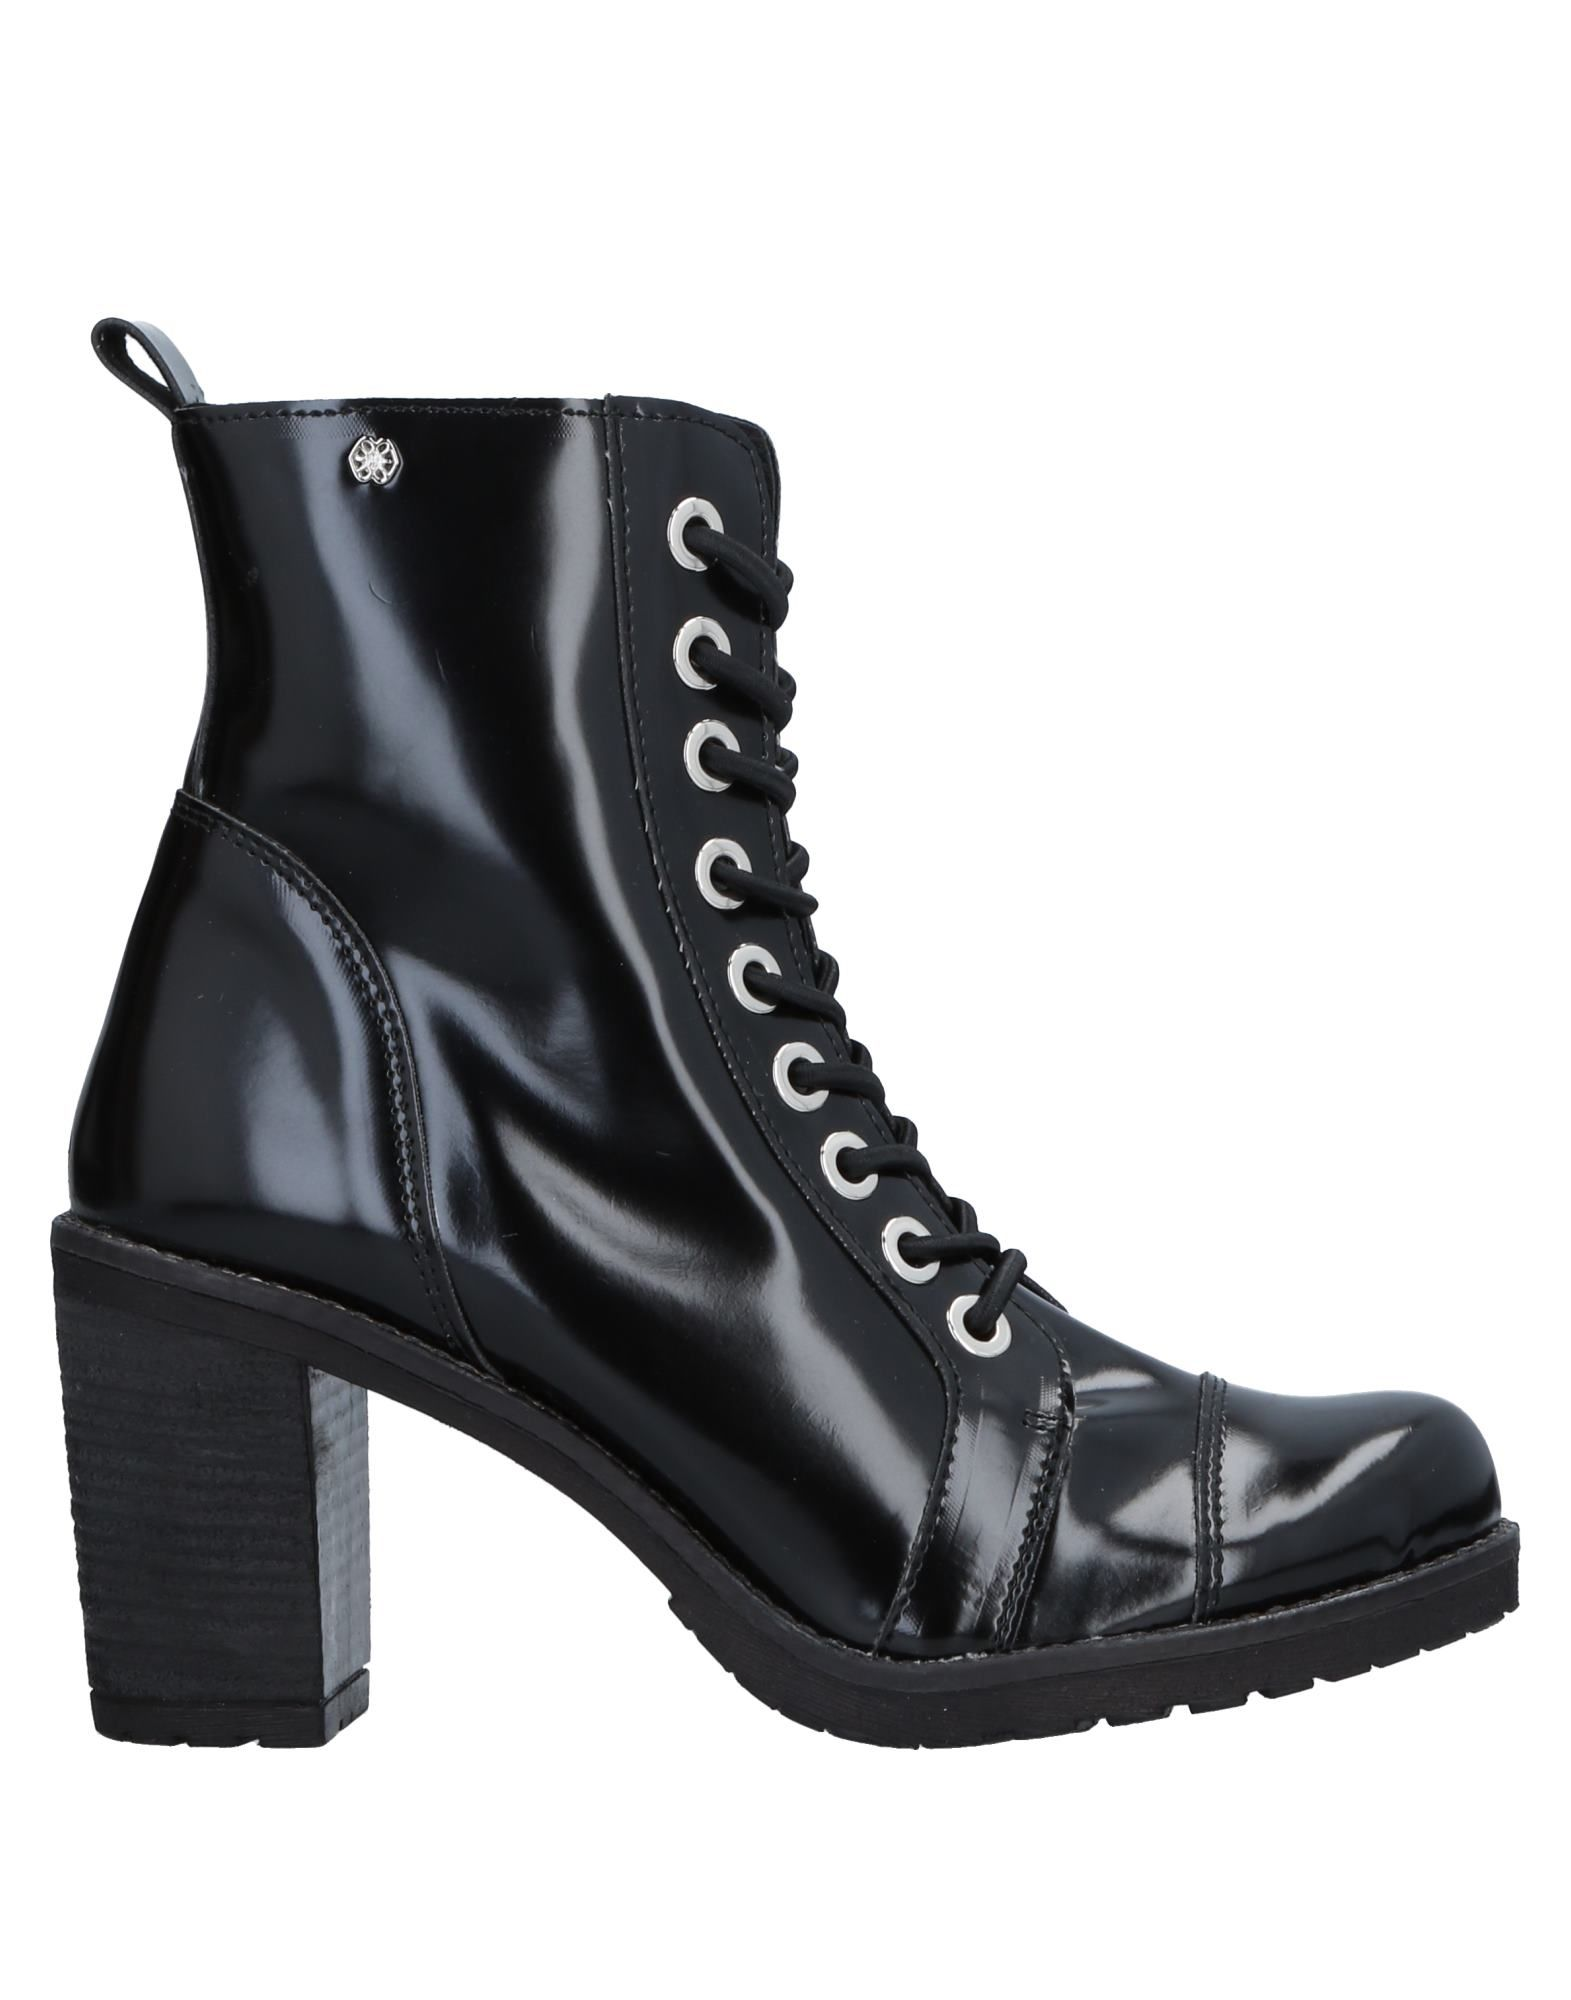 Cuplé Stiefelette Damen  11542541WO Gute Qualität beliebte Schuhe